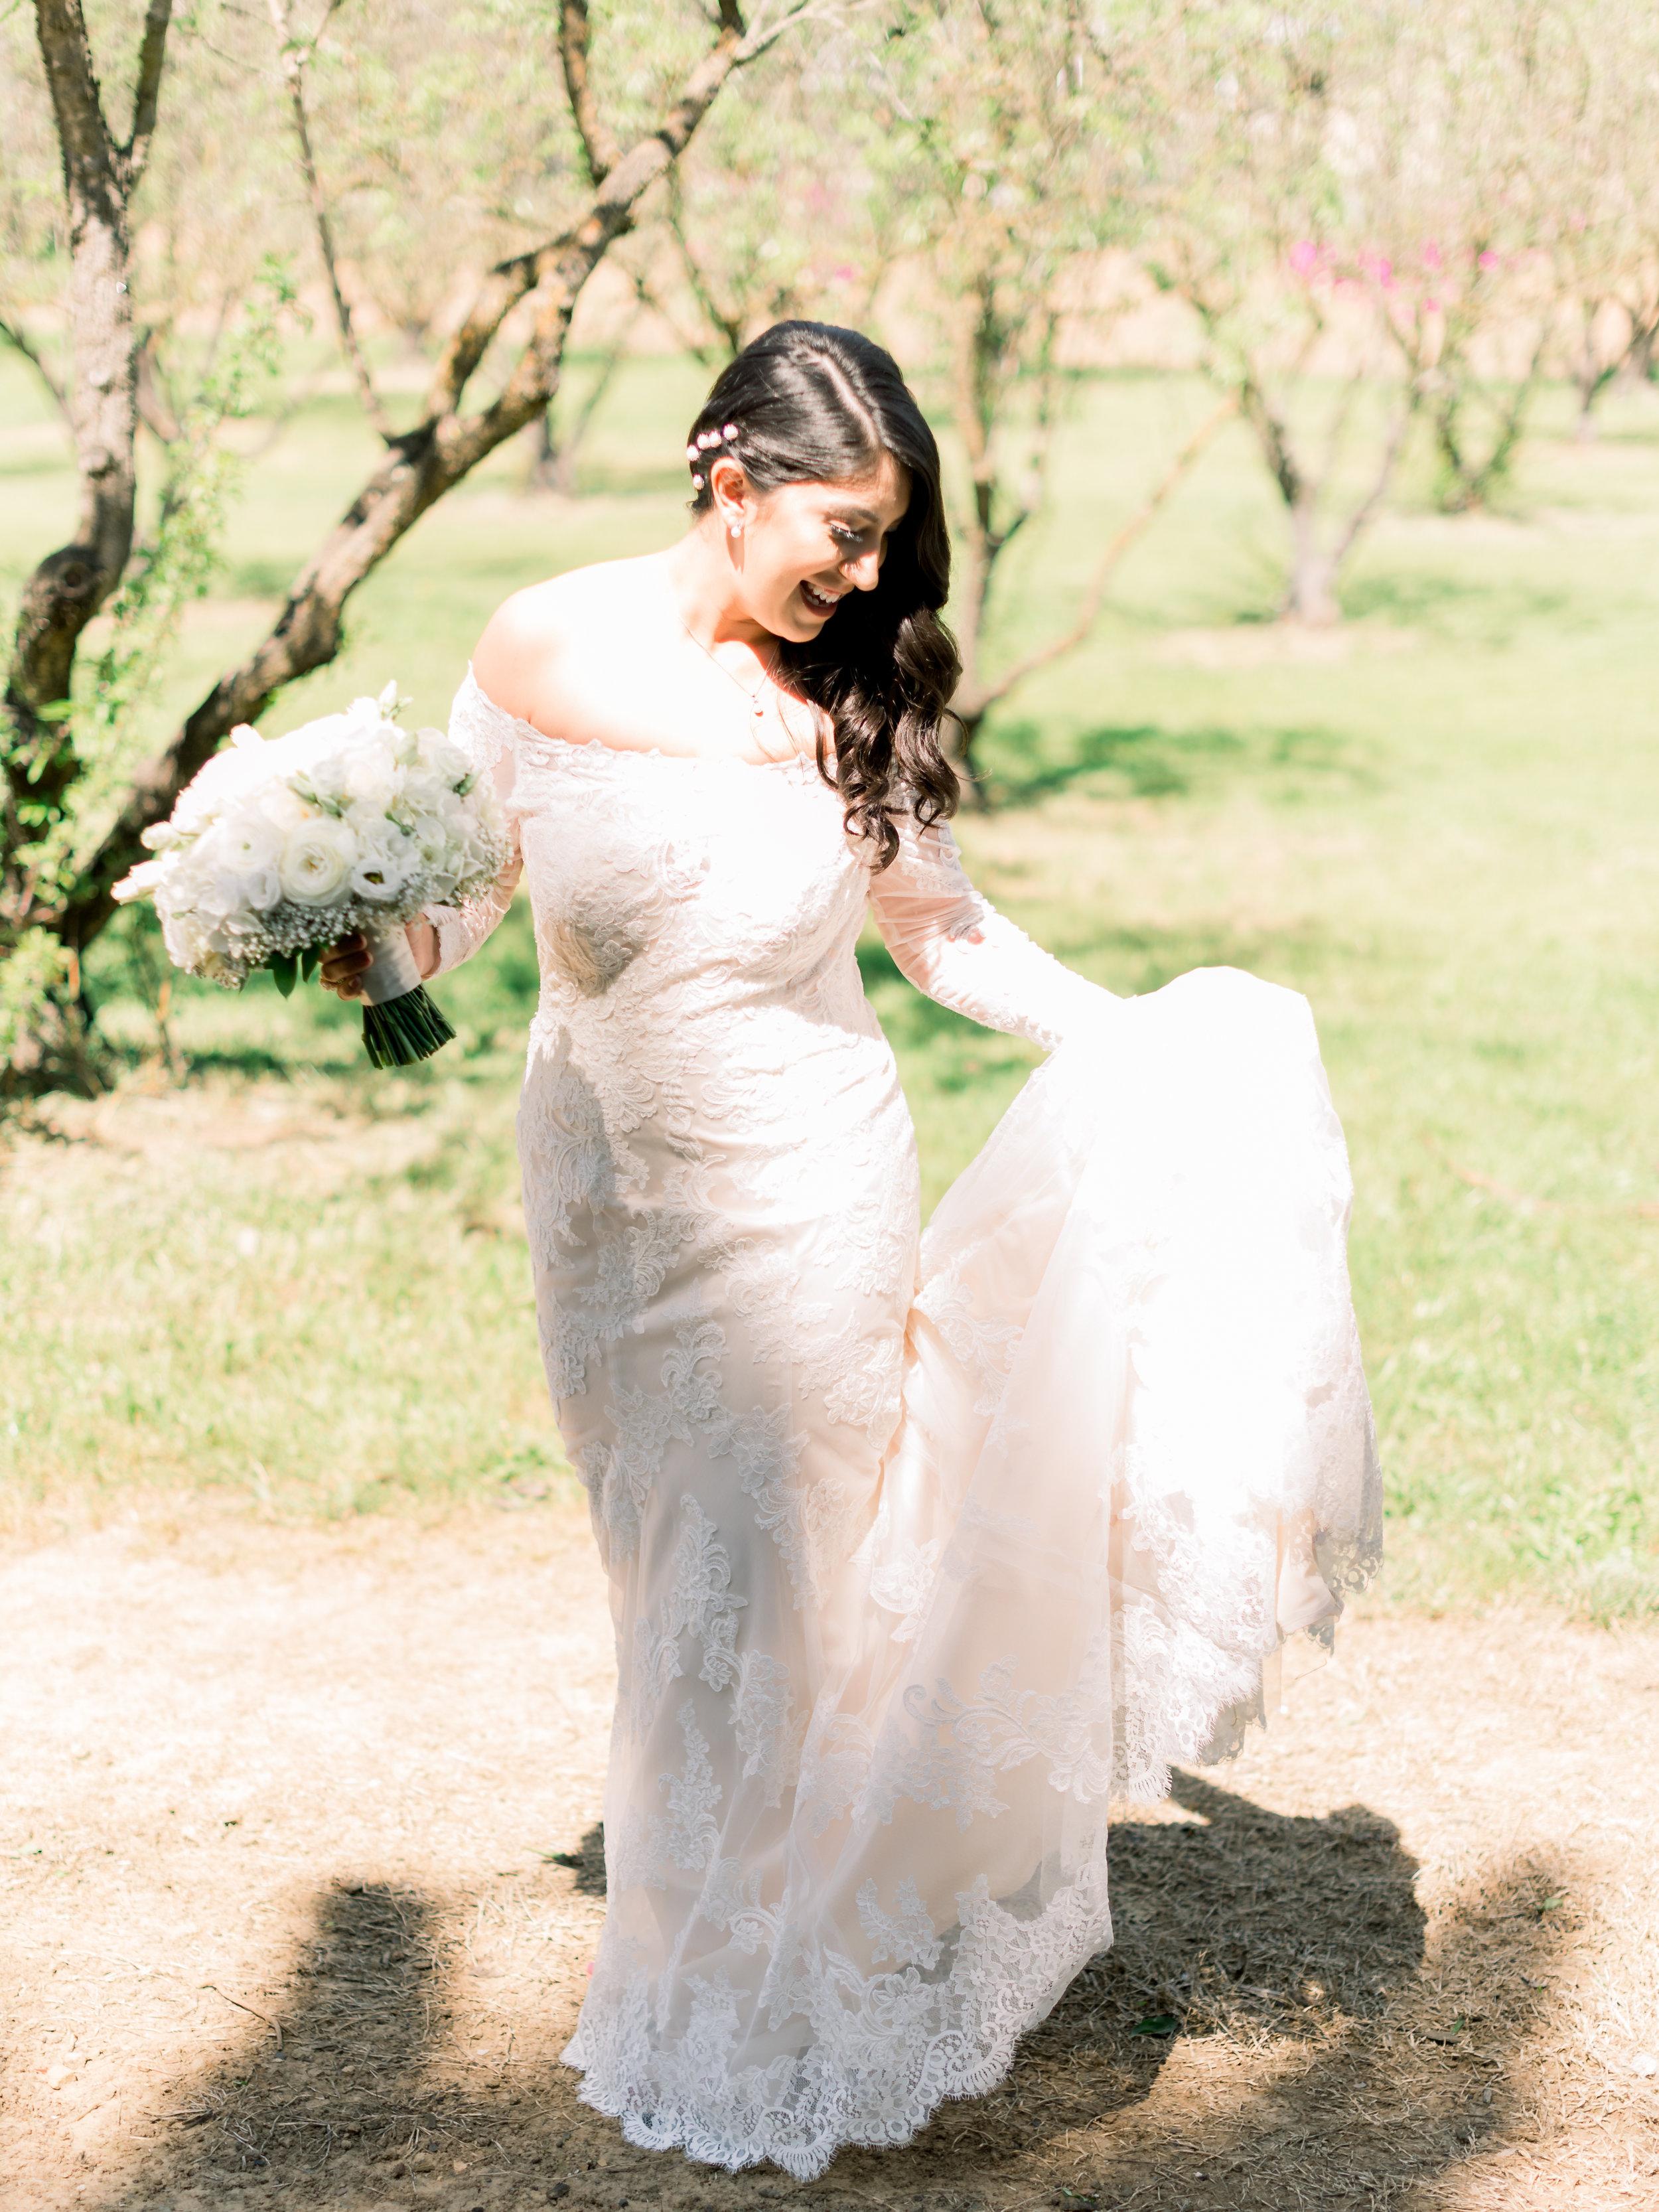 the-bride-being-playful-in-the-vineyard.jpg